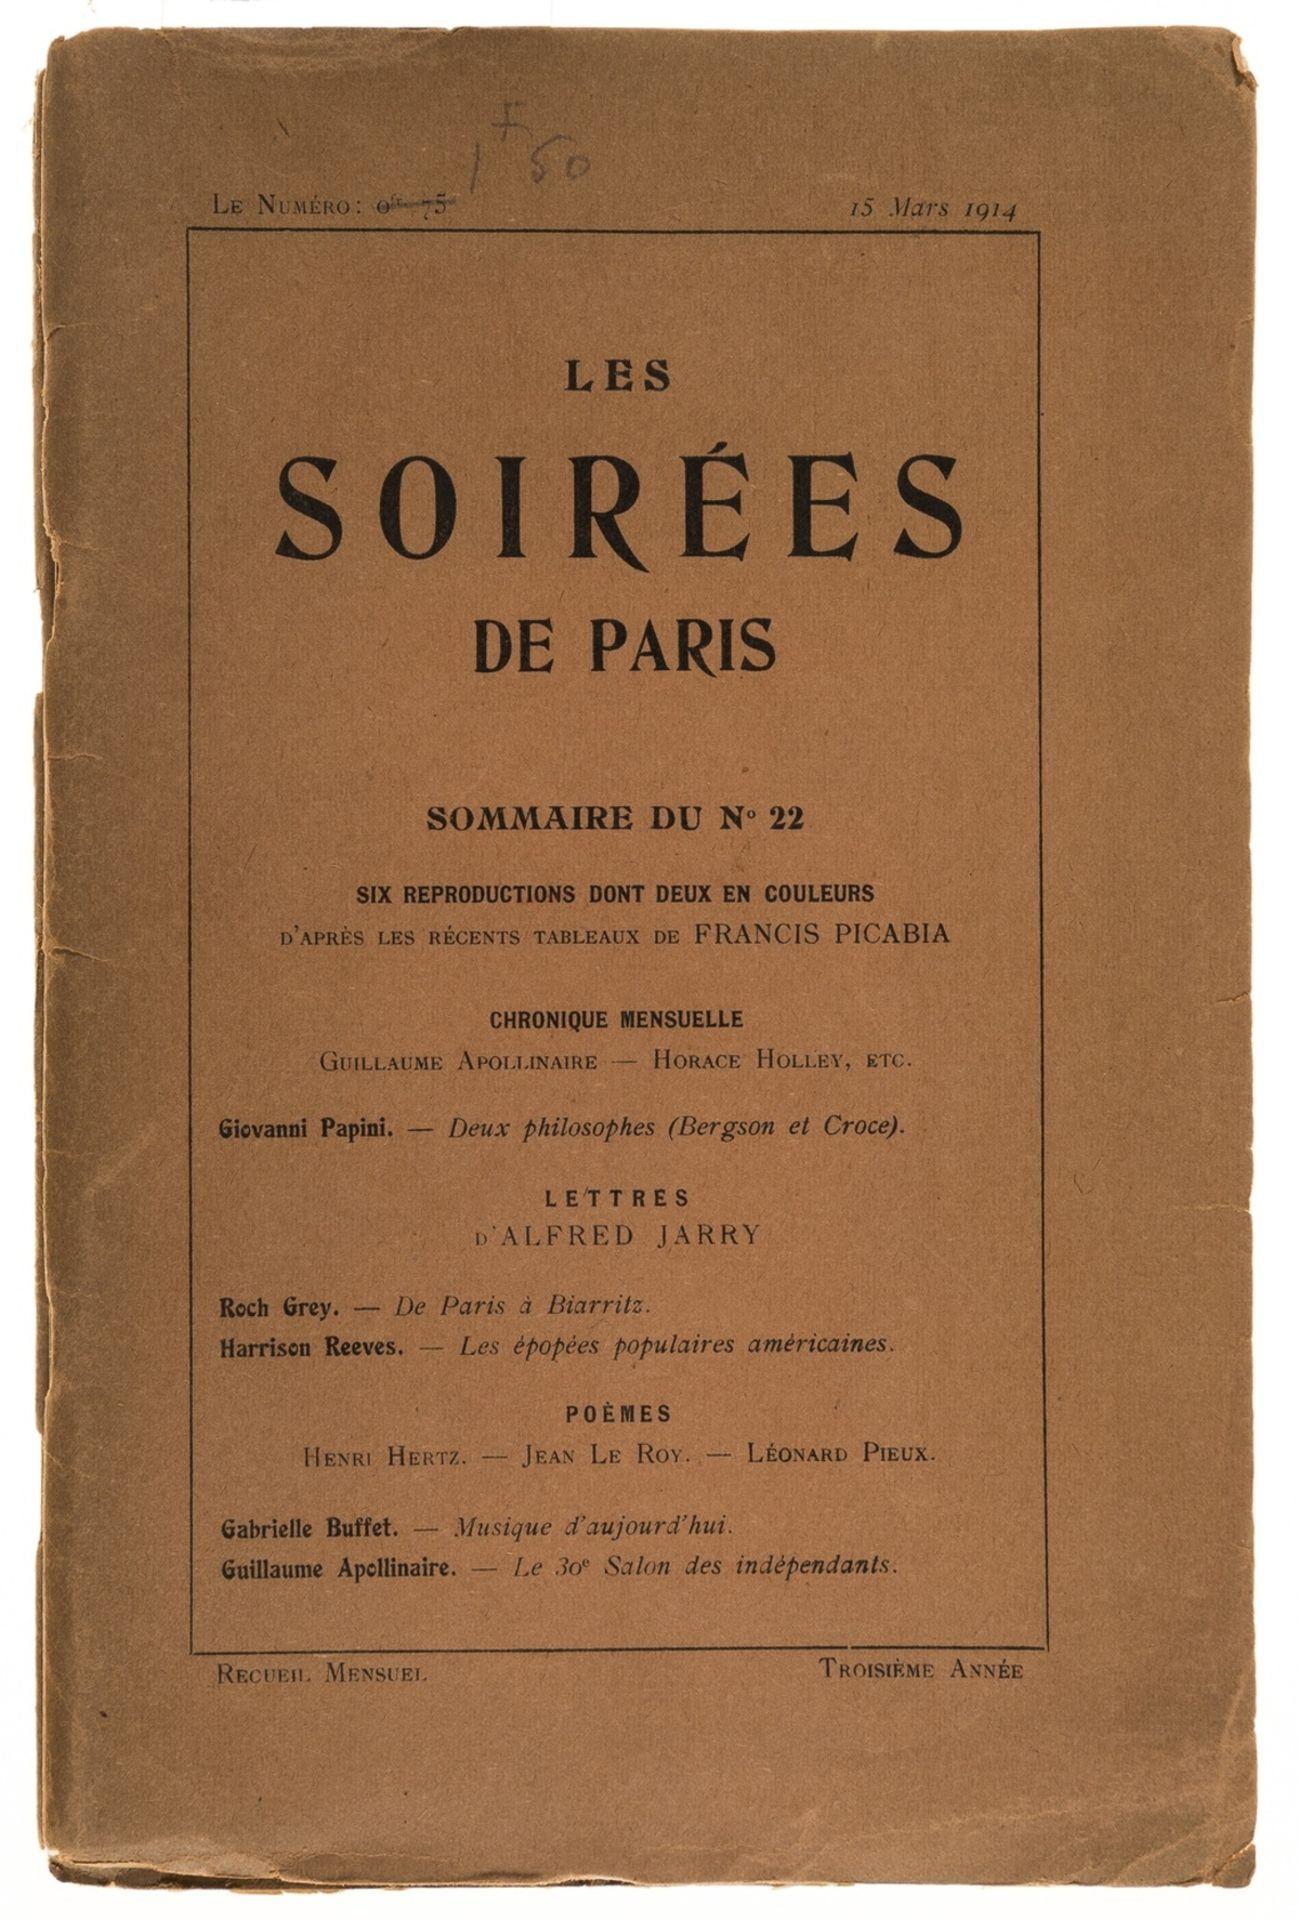 Apollinaire & Jarry.- Les Soirées de Paris, Paris, 1914.